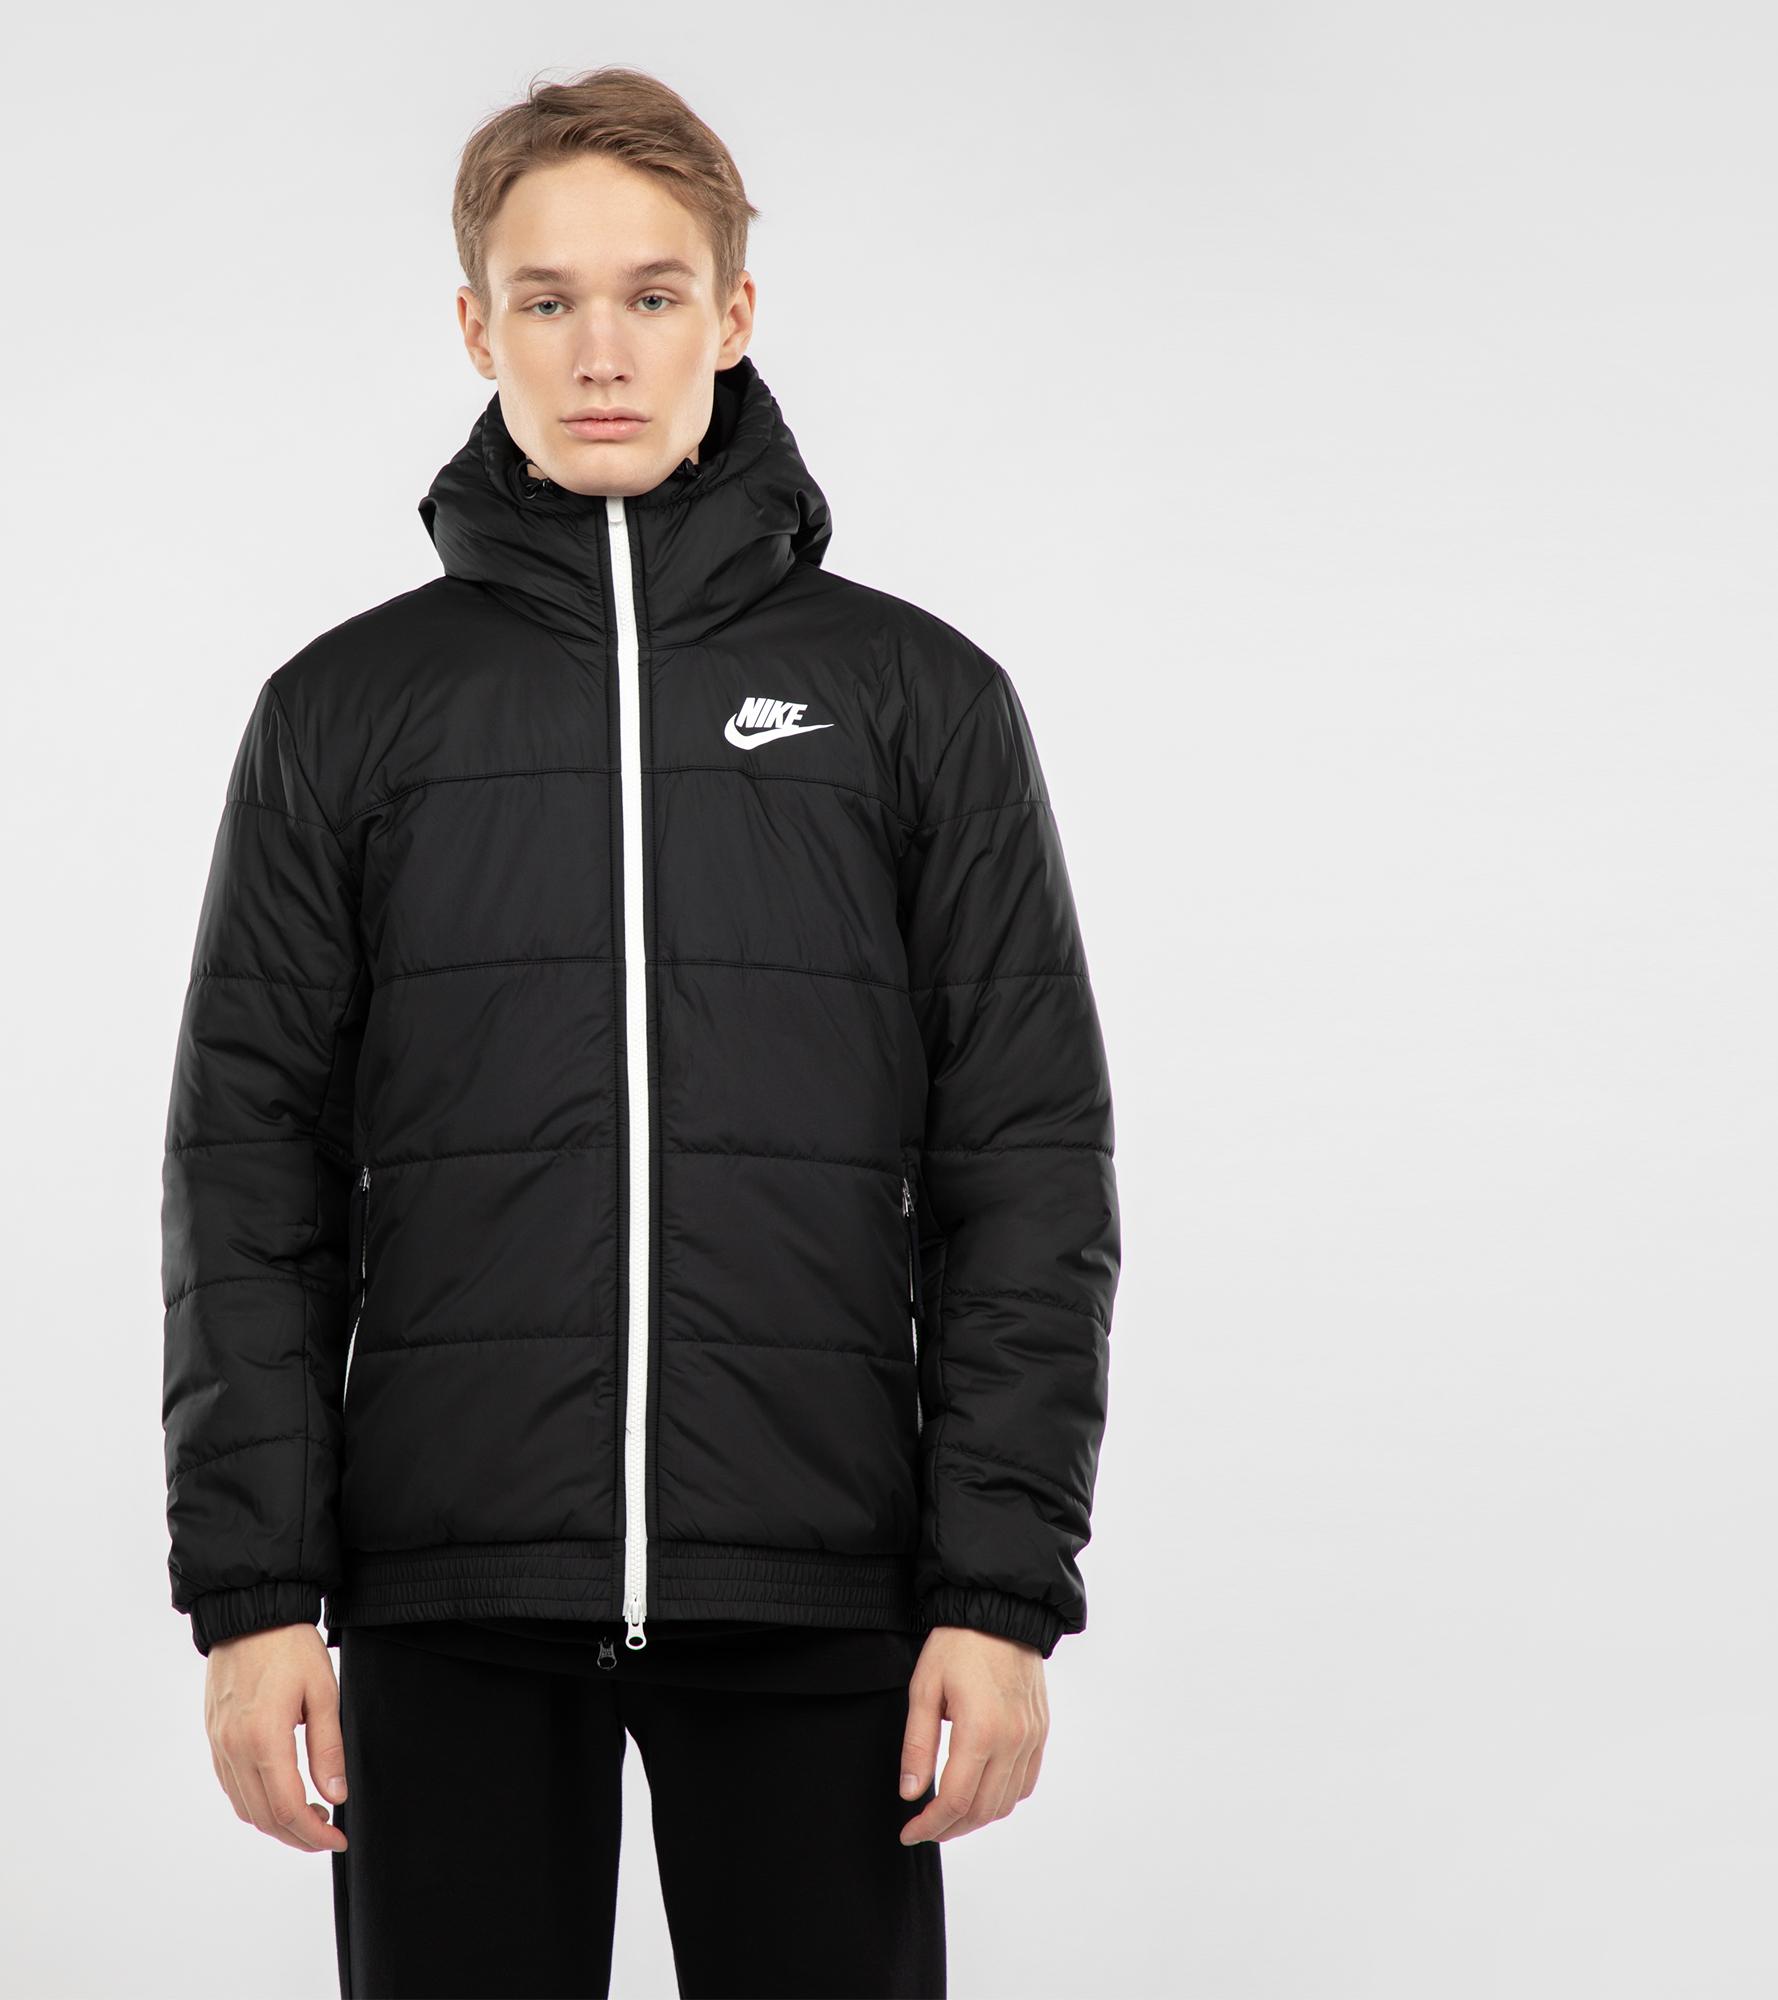 цена на Nike Куртка утепленная мужская Nike, размер 50-52